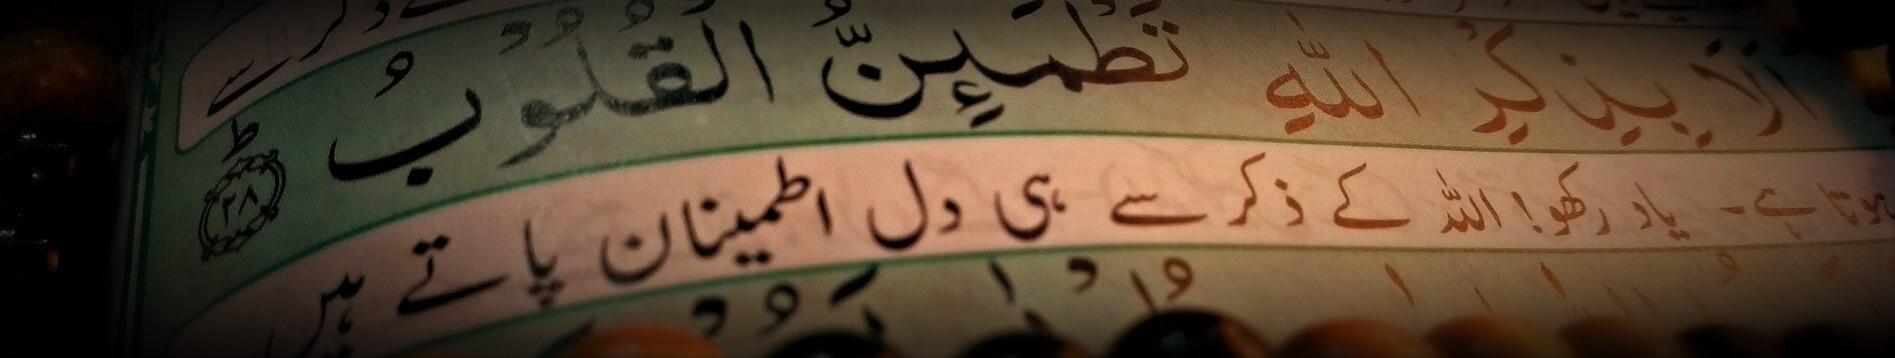 Zikr Allah - Naqshbandia Owaisiah